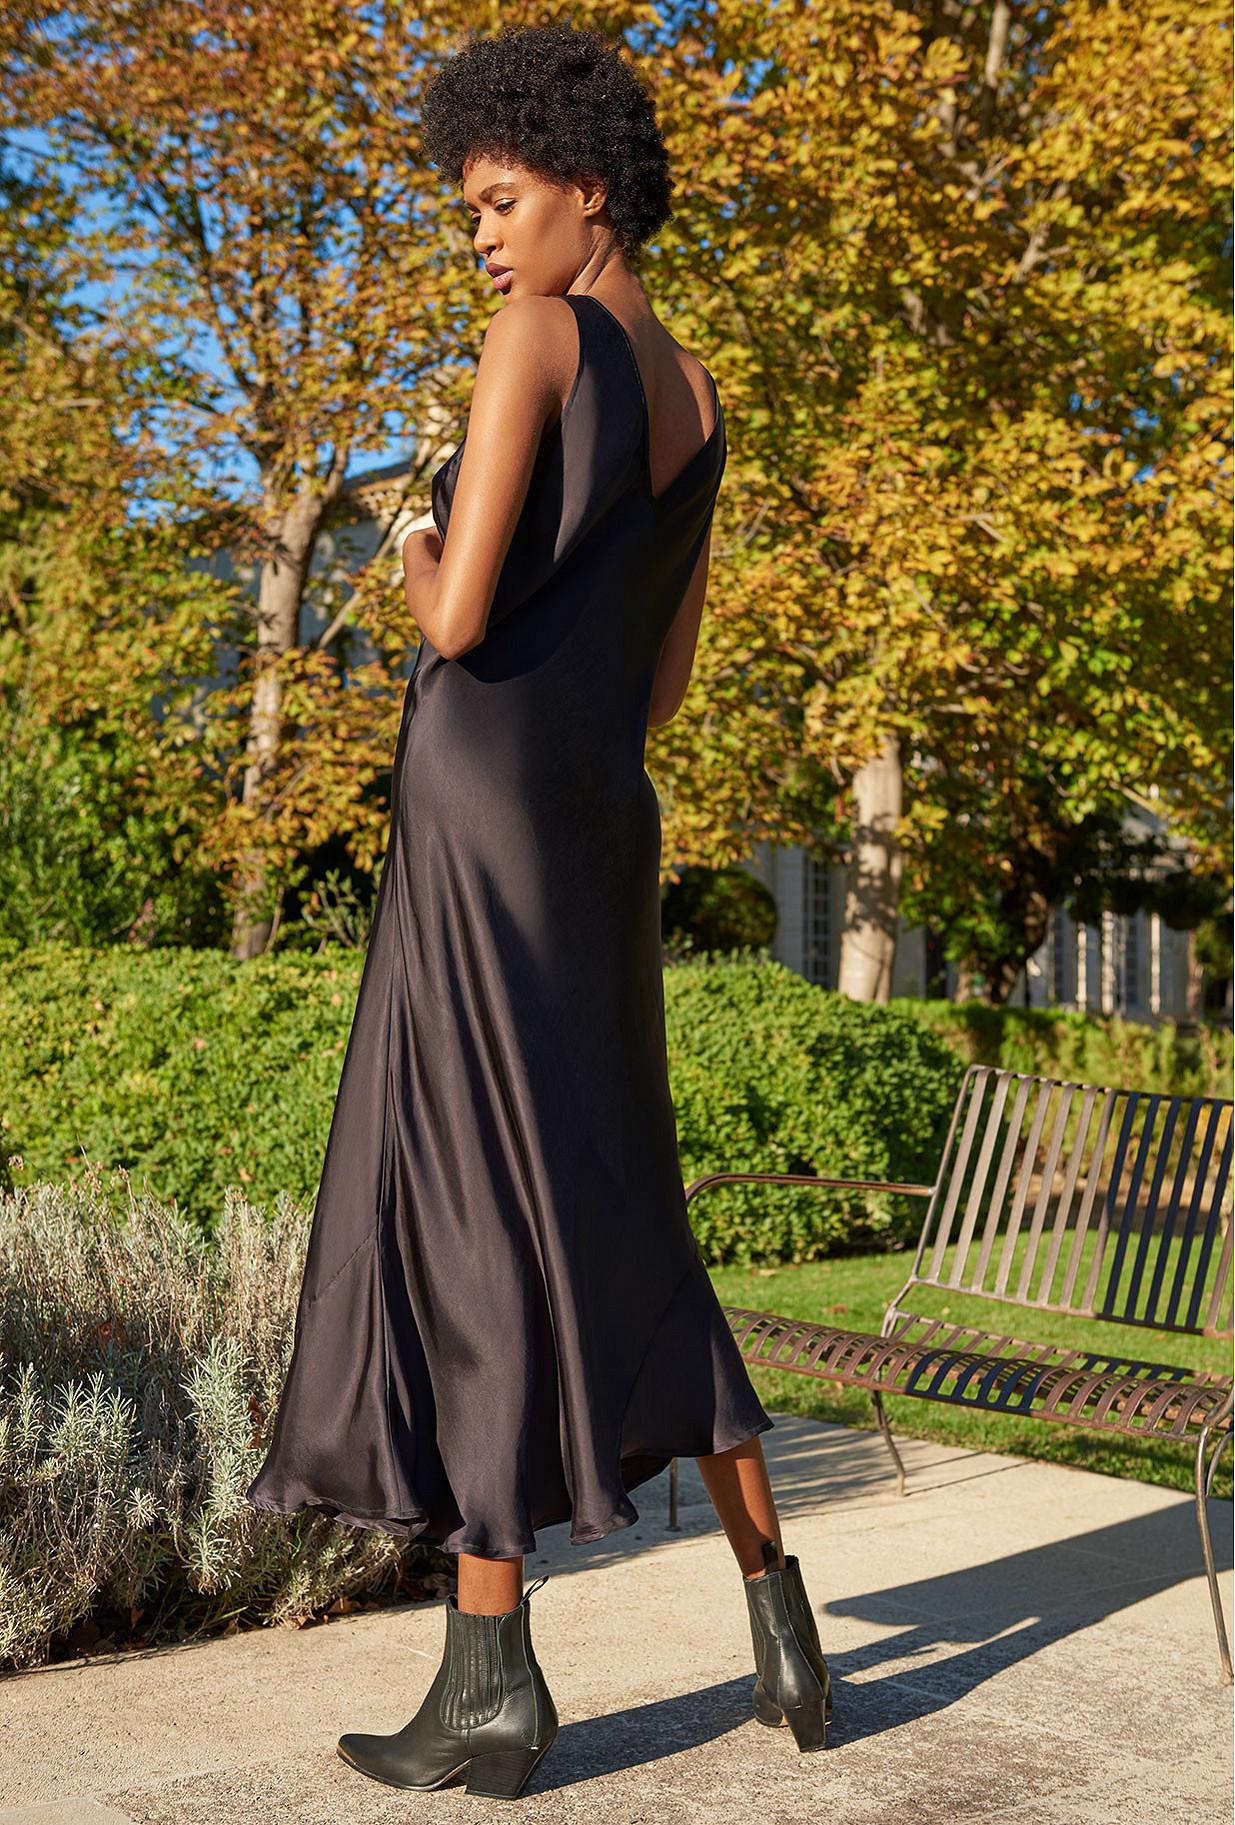 Robe Noir  Lovamour mes demoiselles paris vêtement femme paris